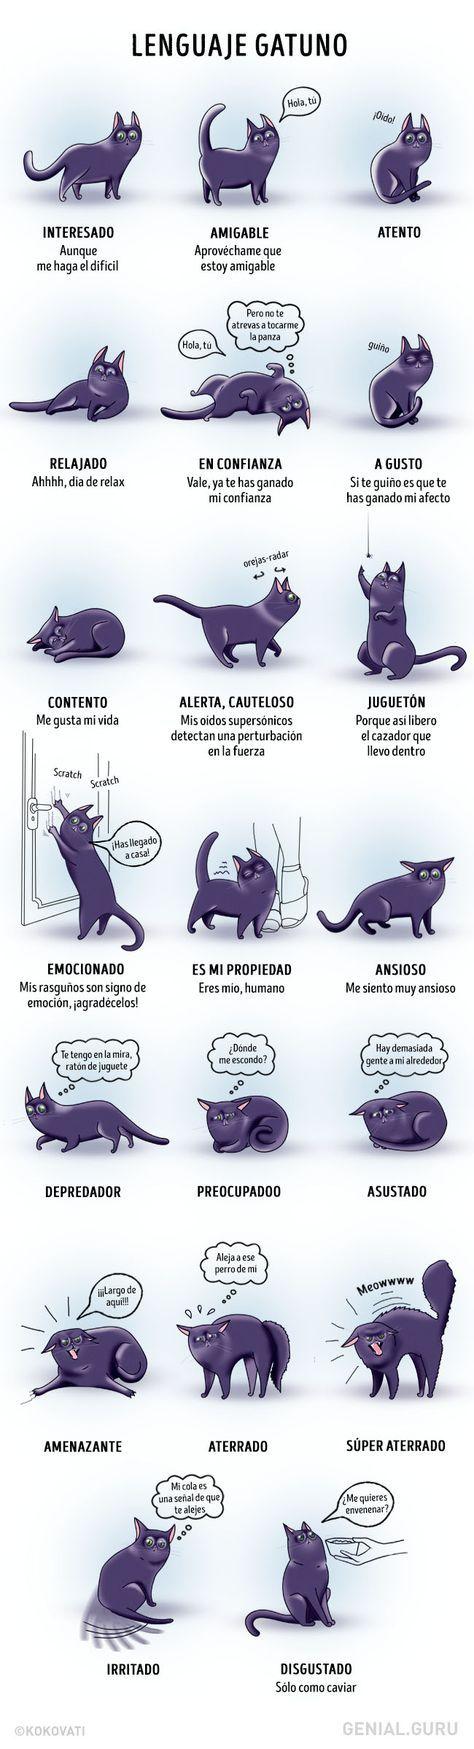 Breve diccionario del comportamiento felino